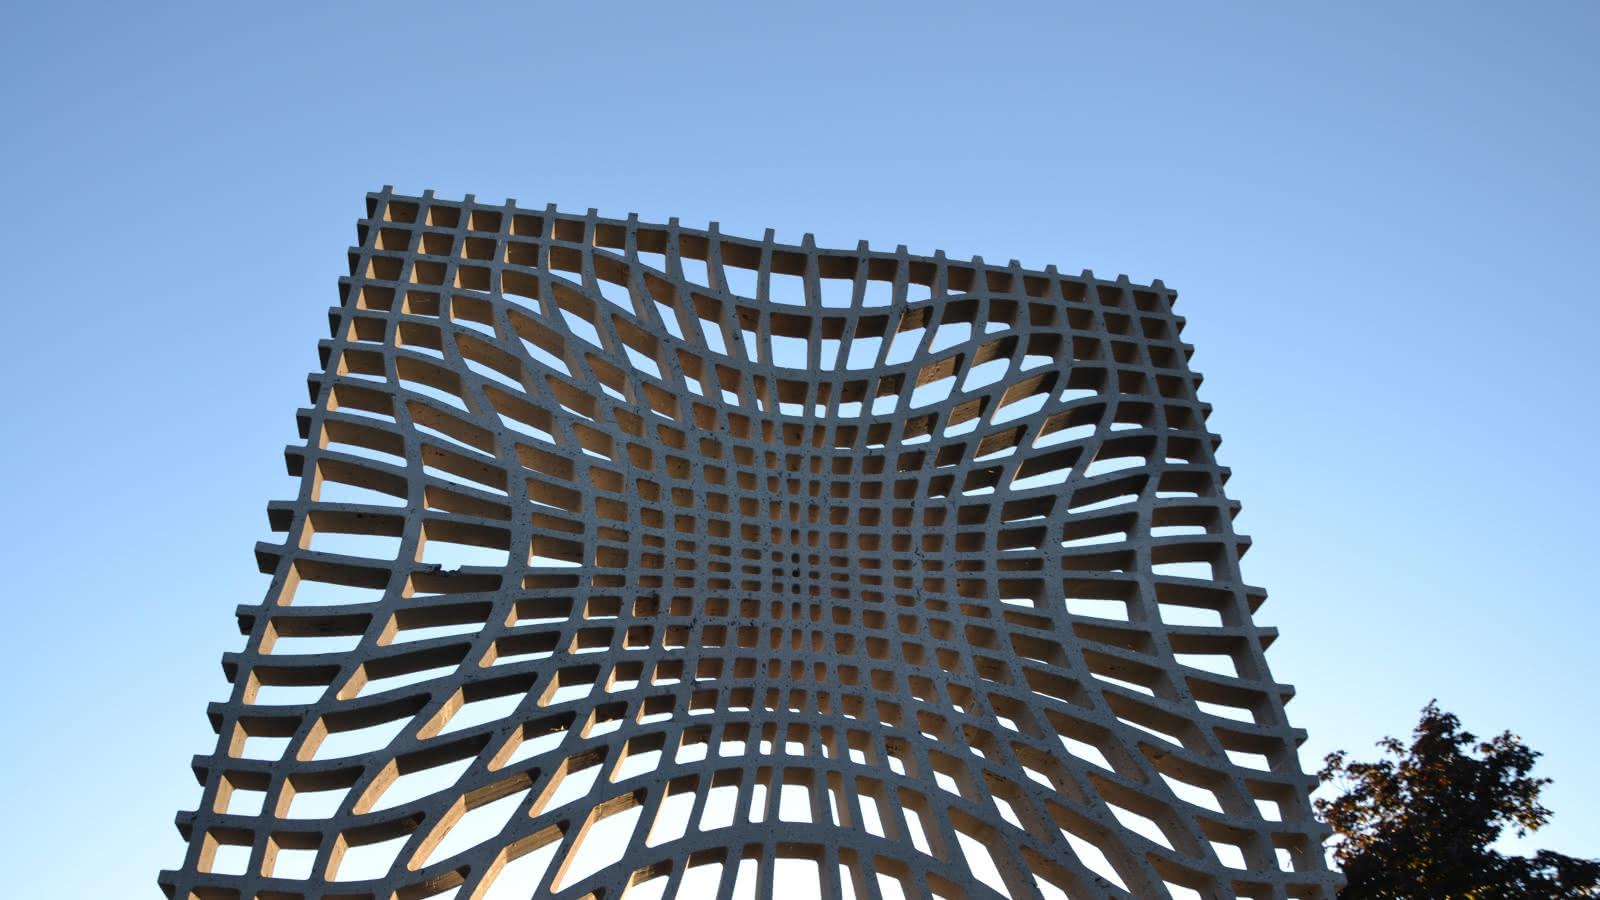 © Sculpture à Chanat-la-Mouteyre